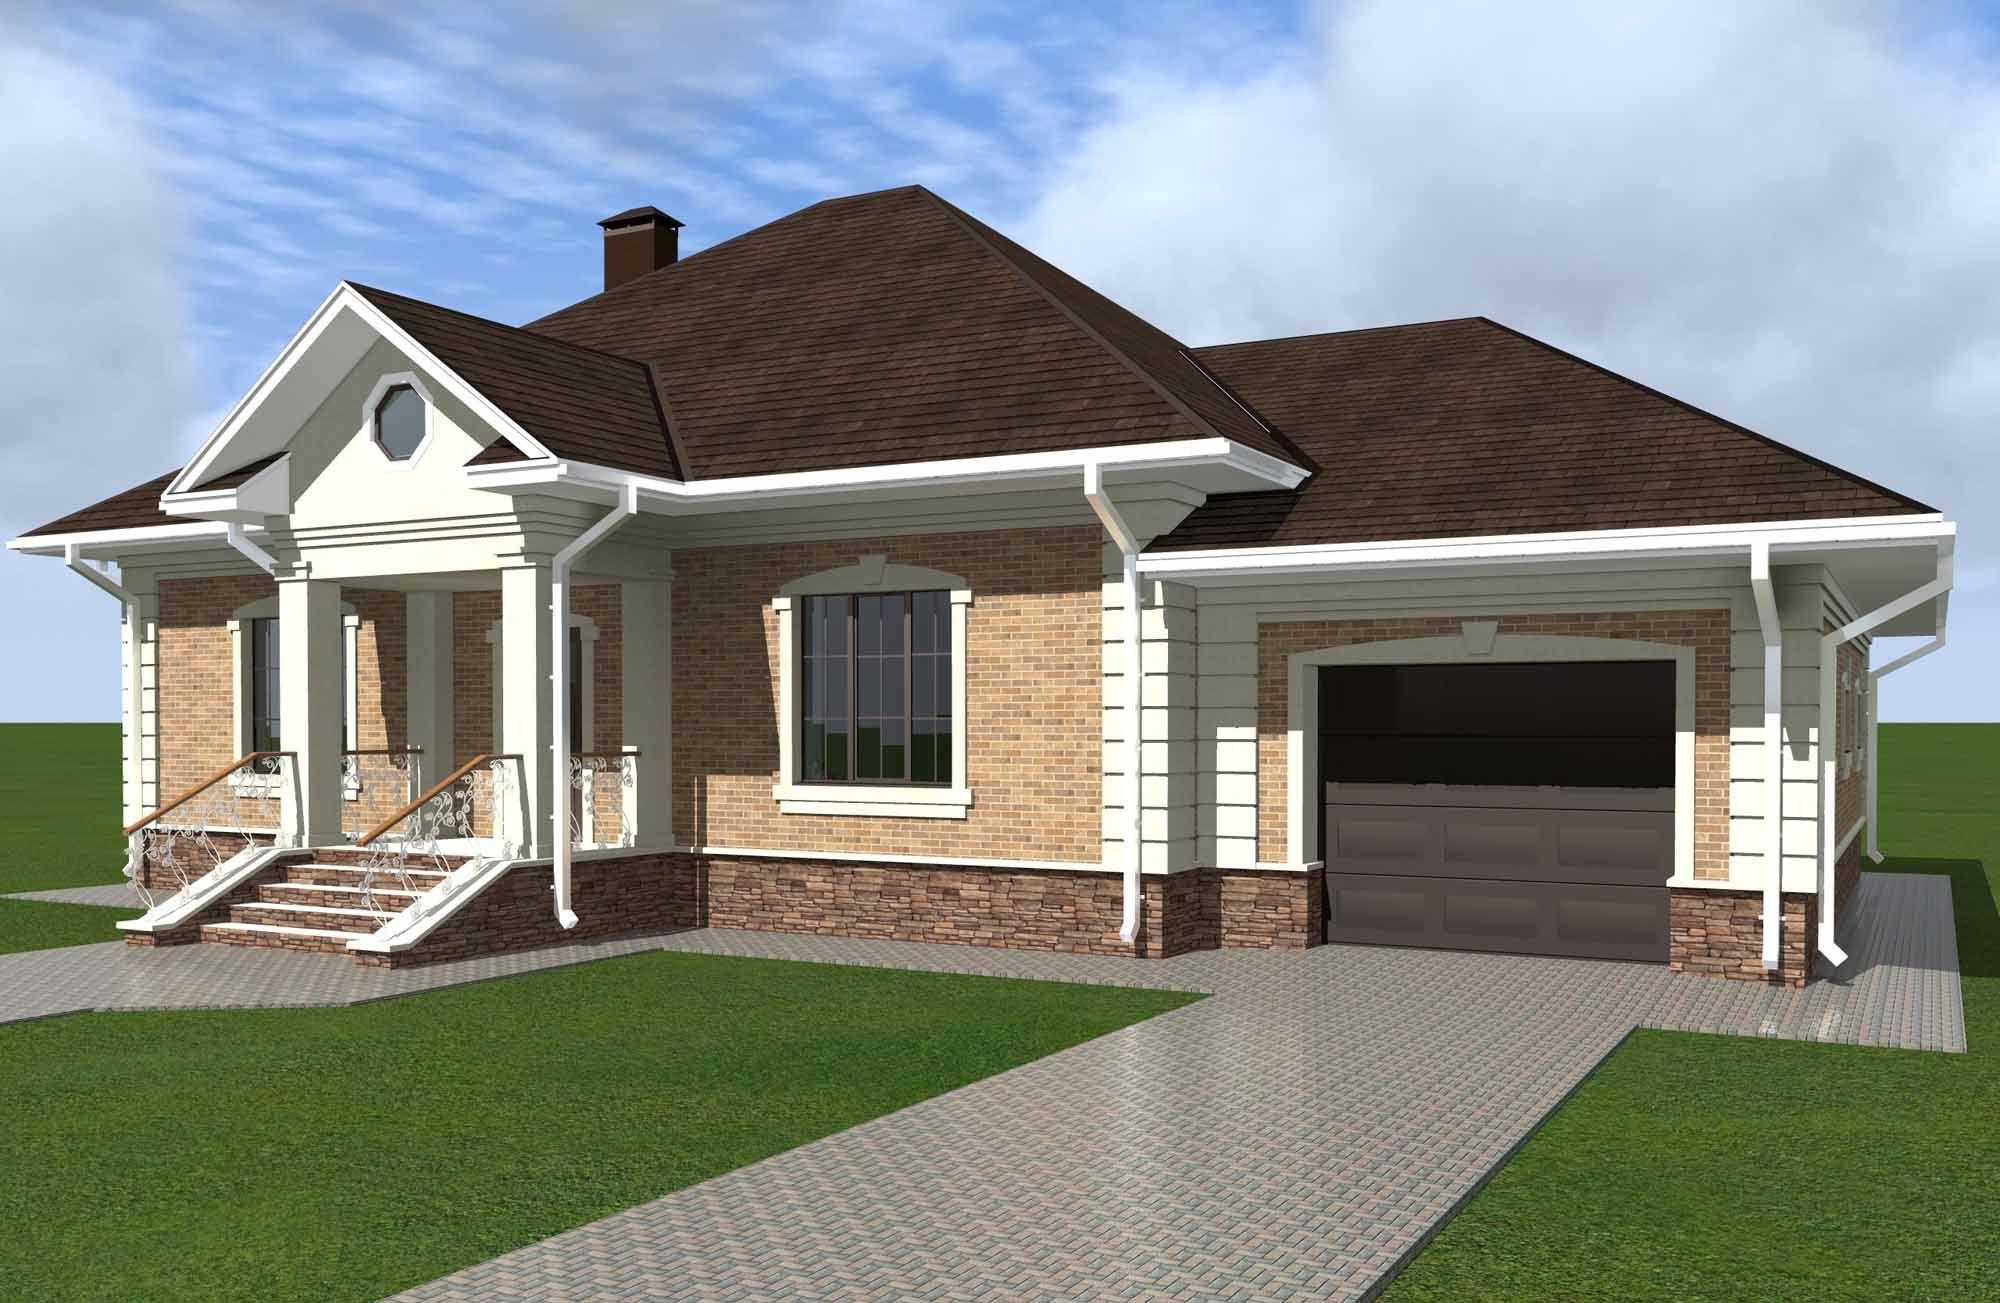 дизайн одноэтажного дома с гаражом - Поиск в Google | Дом ...